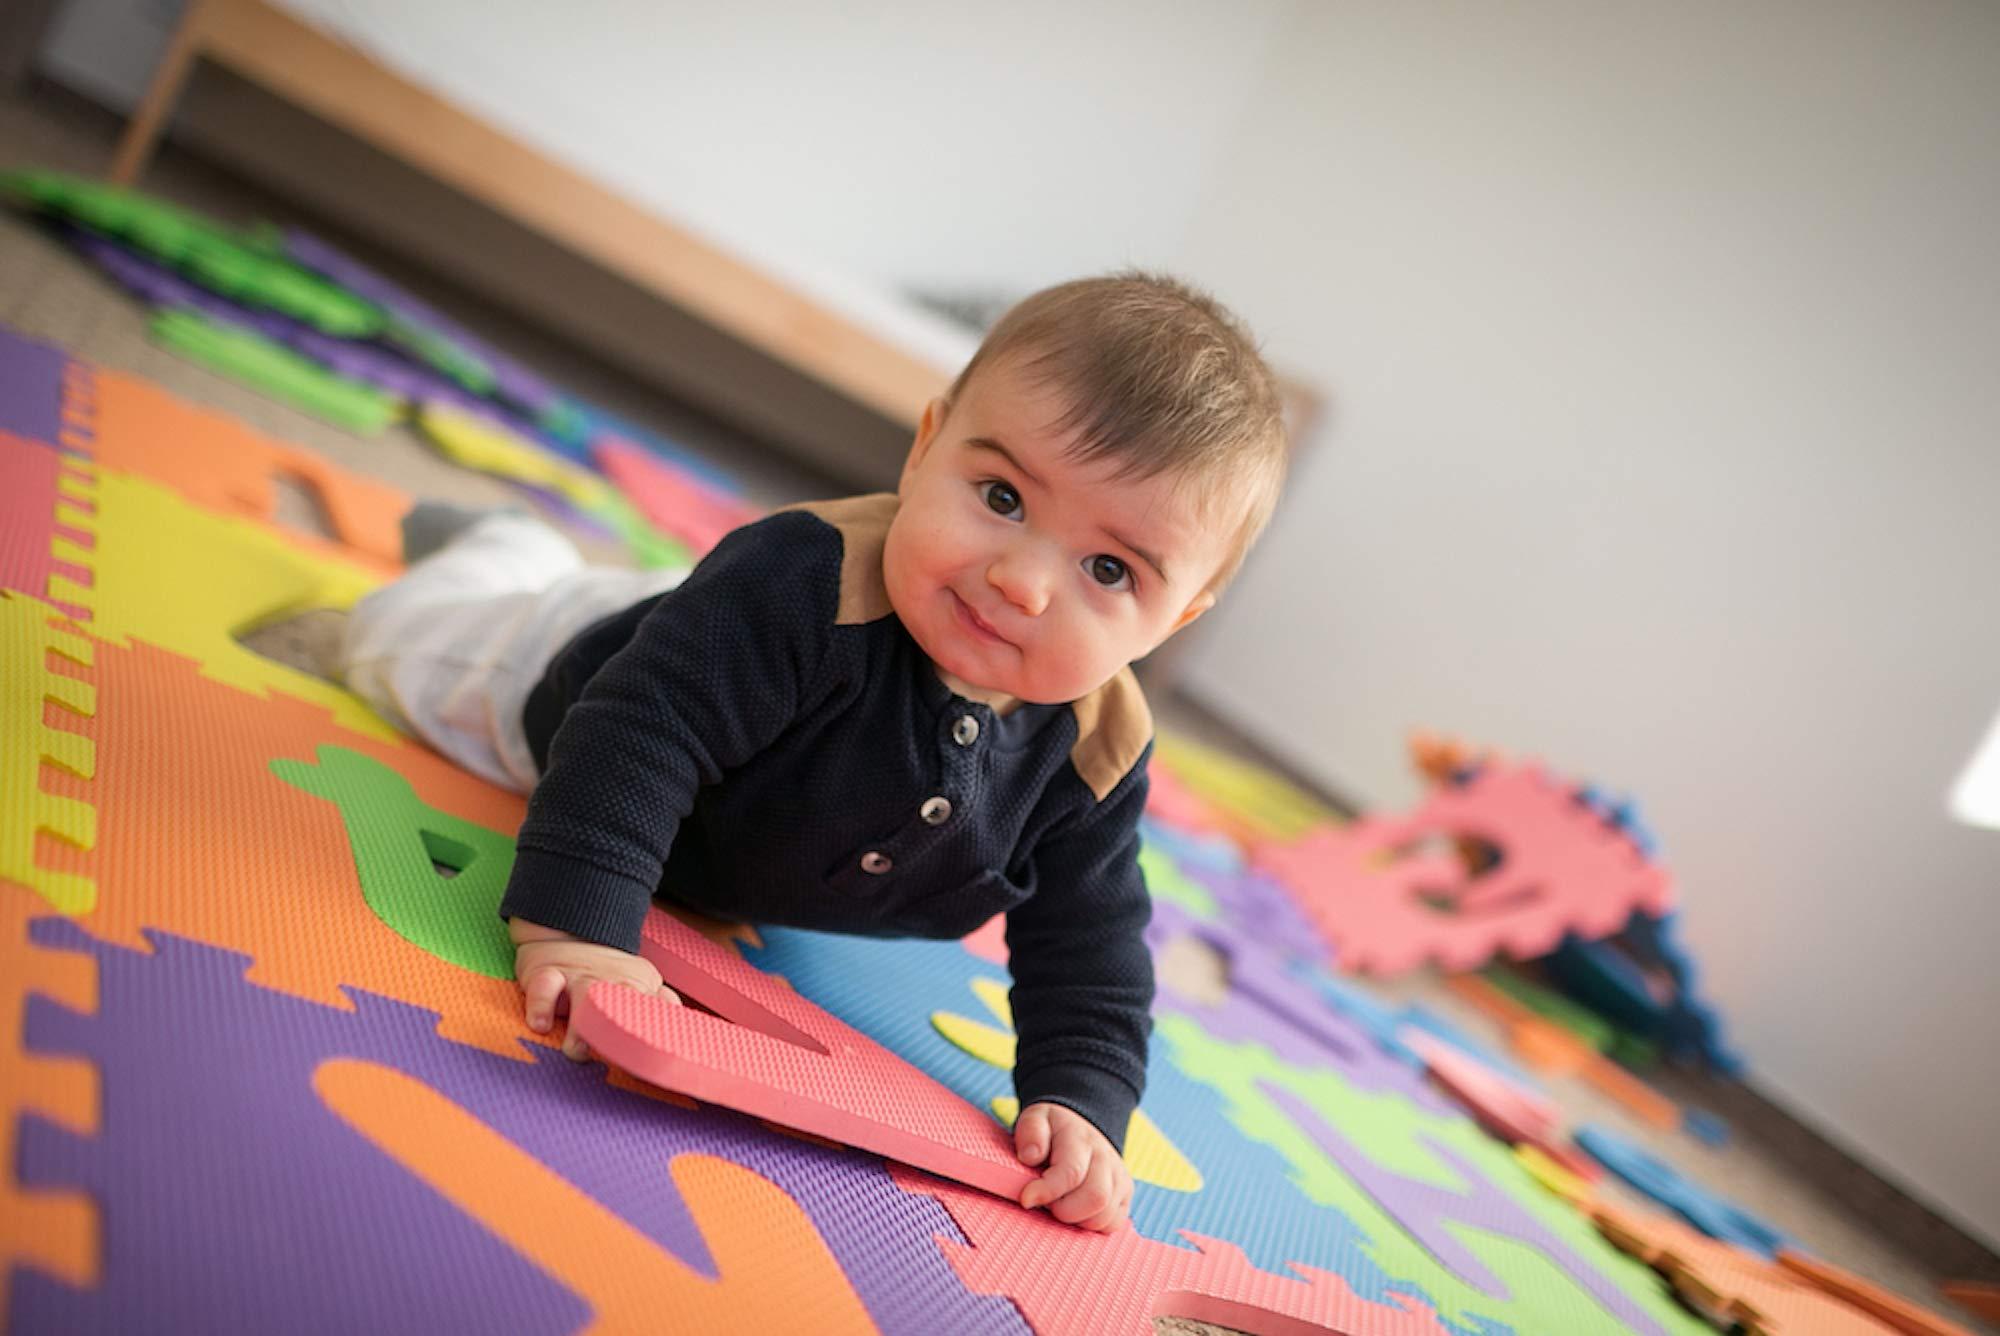 Tappeto Morbido Per Gattonare : Tibelara grande tappeto puzzle bambini extra morbido numeri e